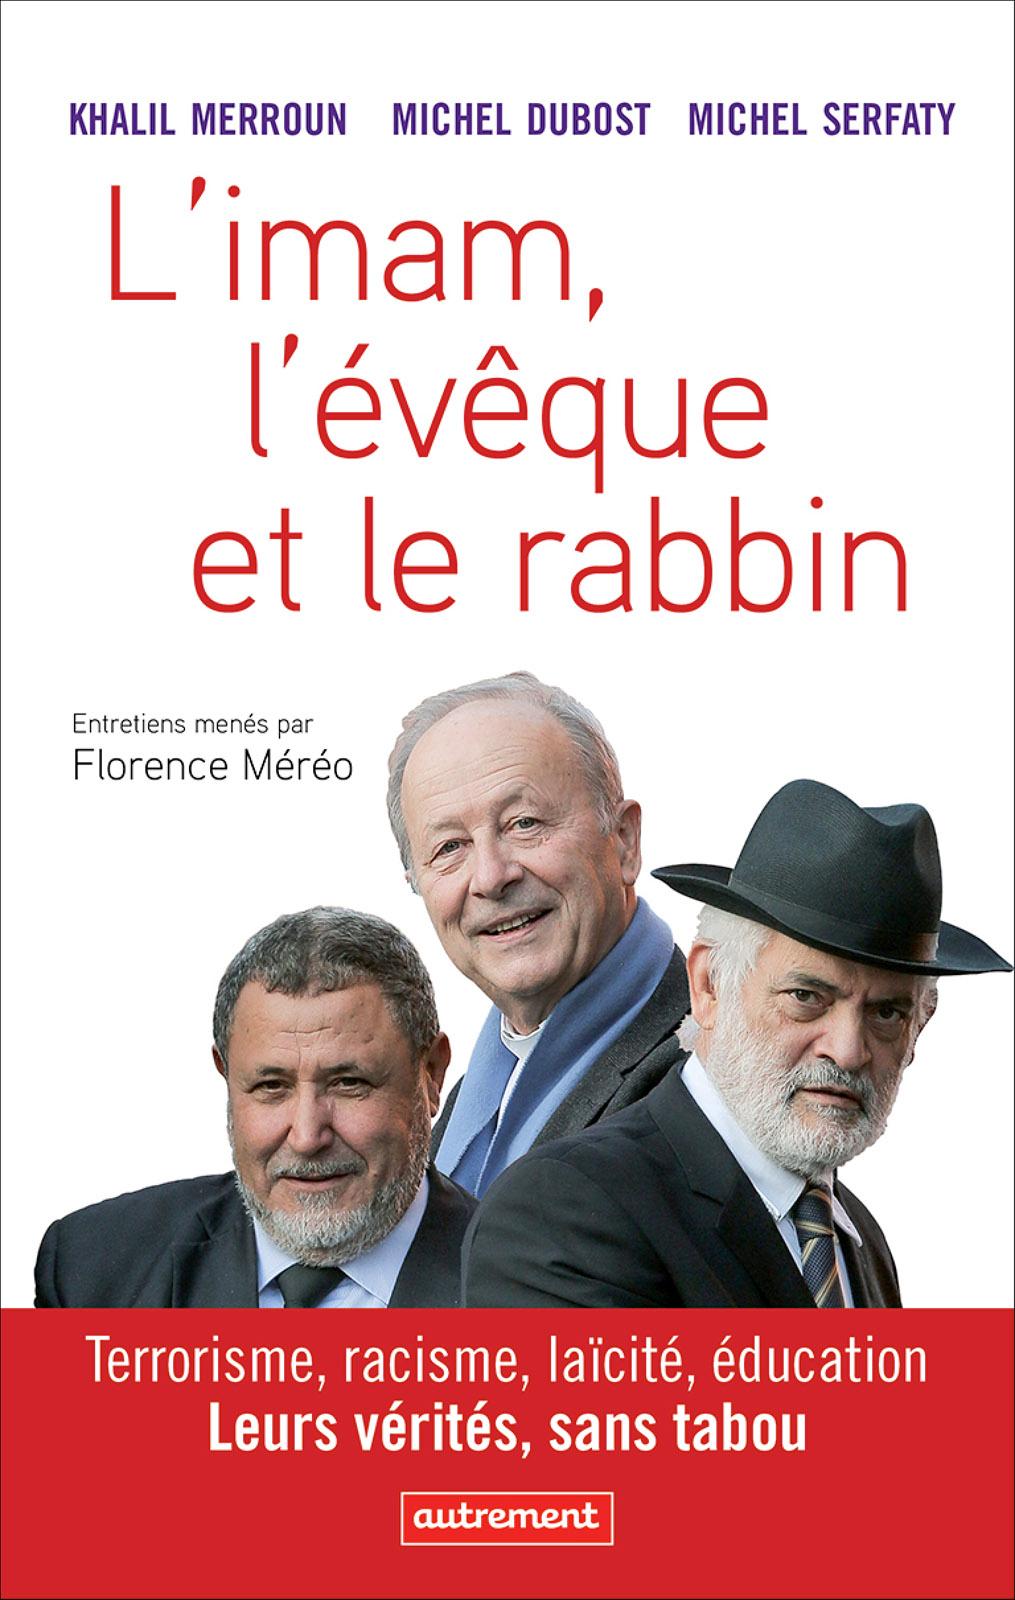 L'imam, l'évêque et le rabbin